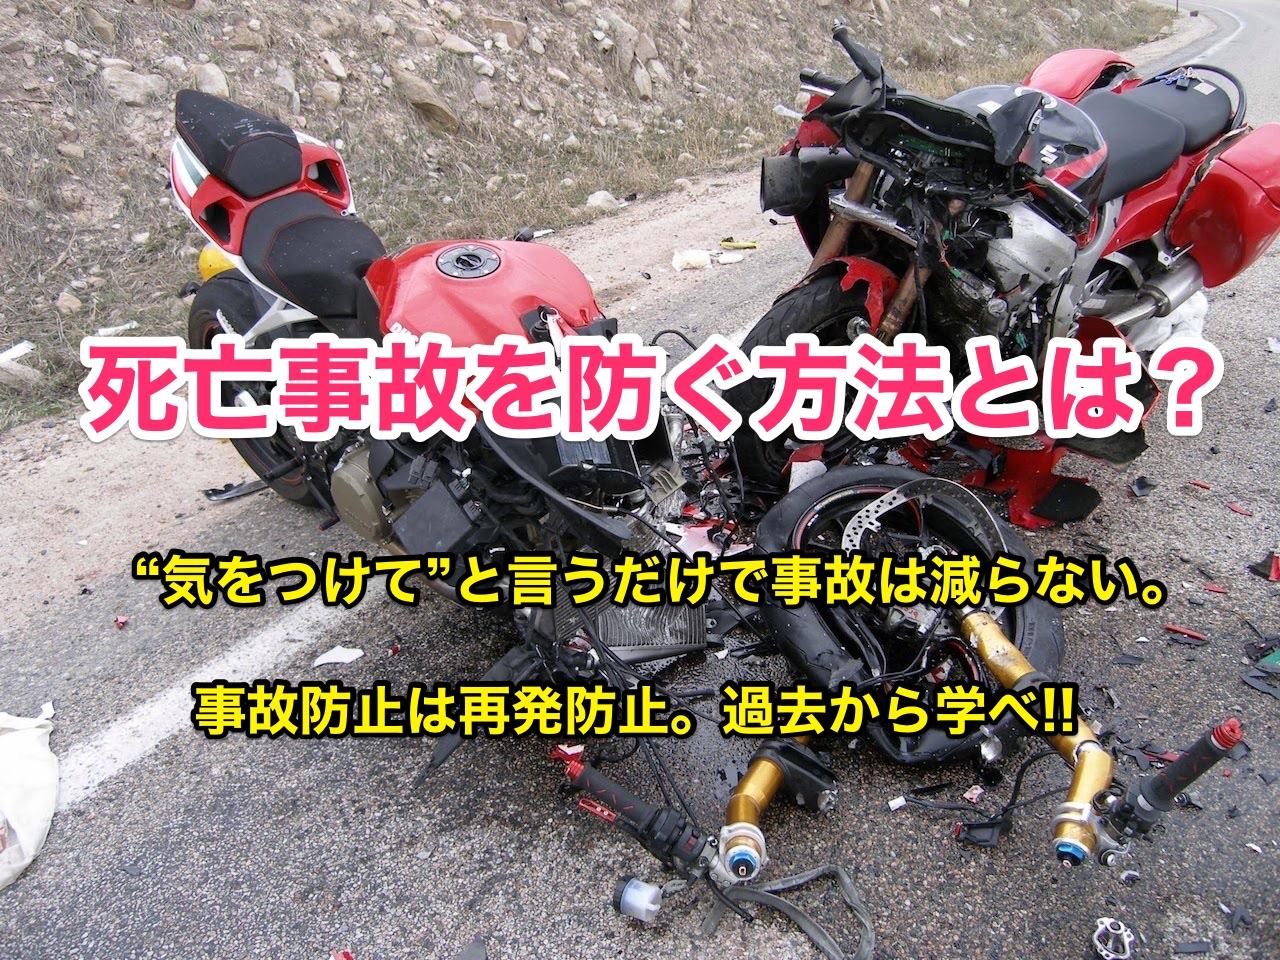 バイク死亡事故の原因